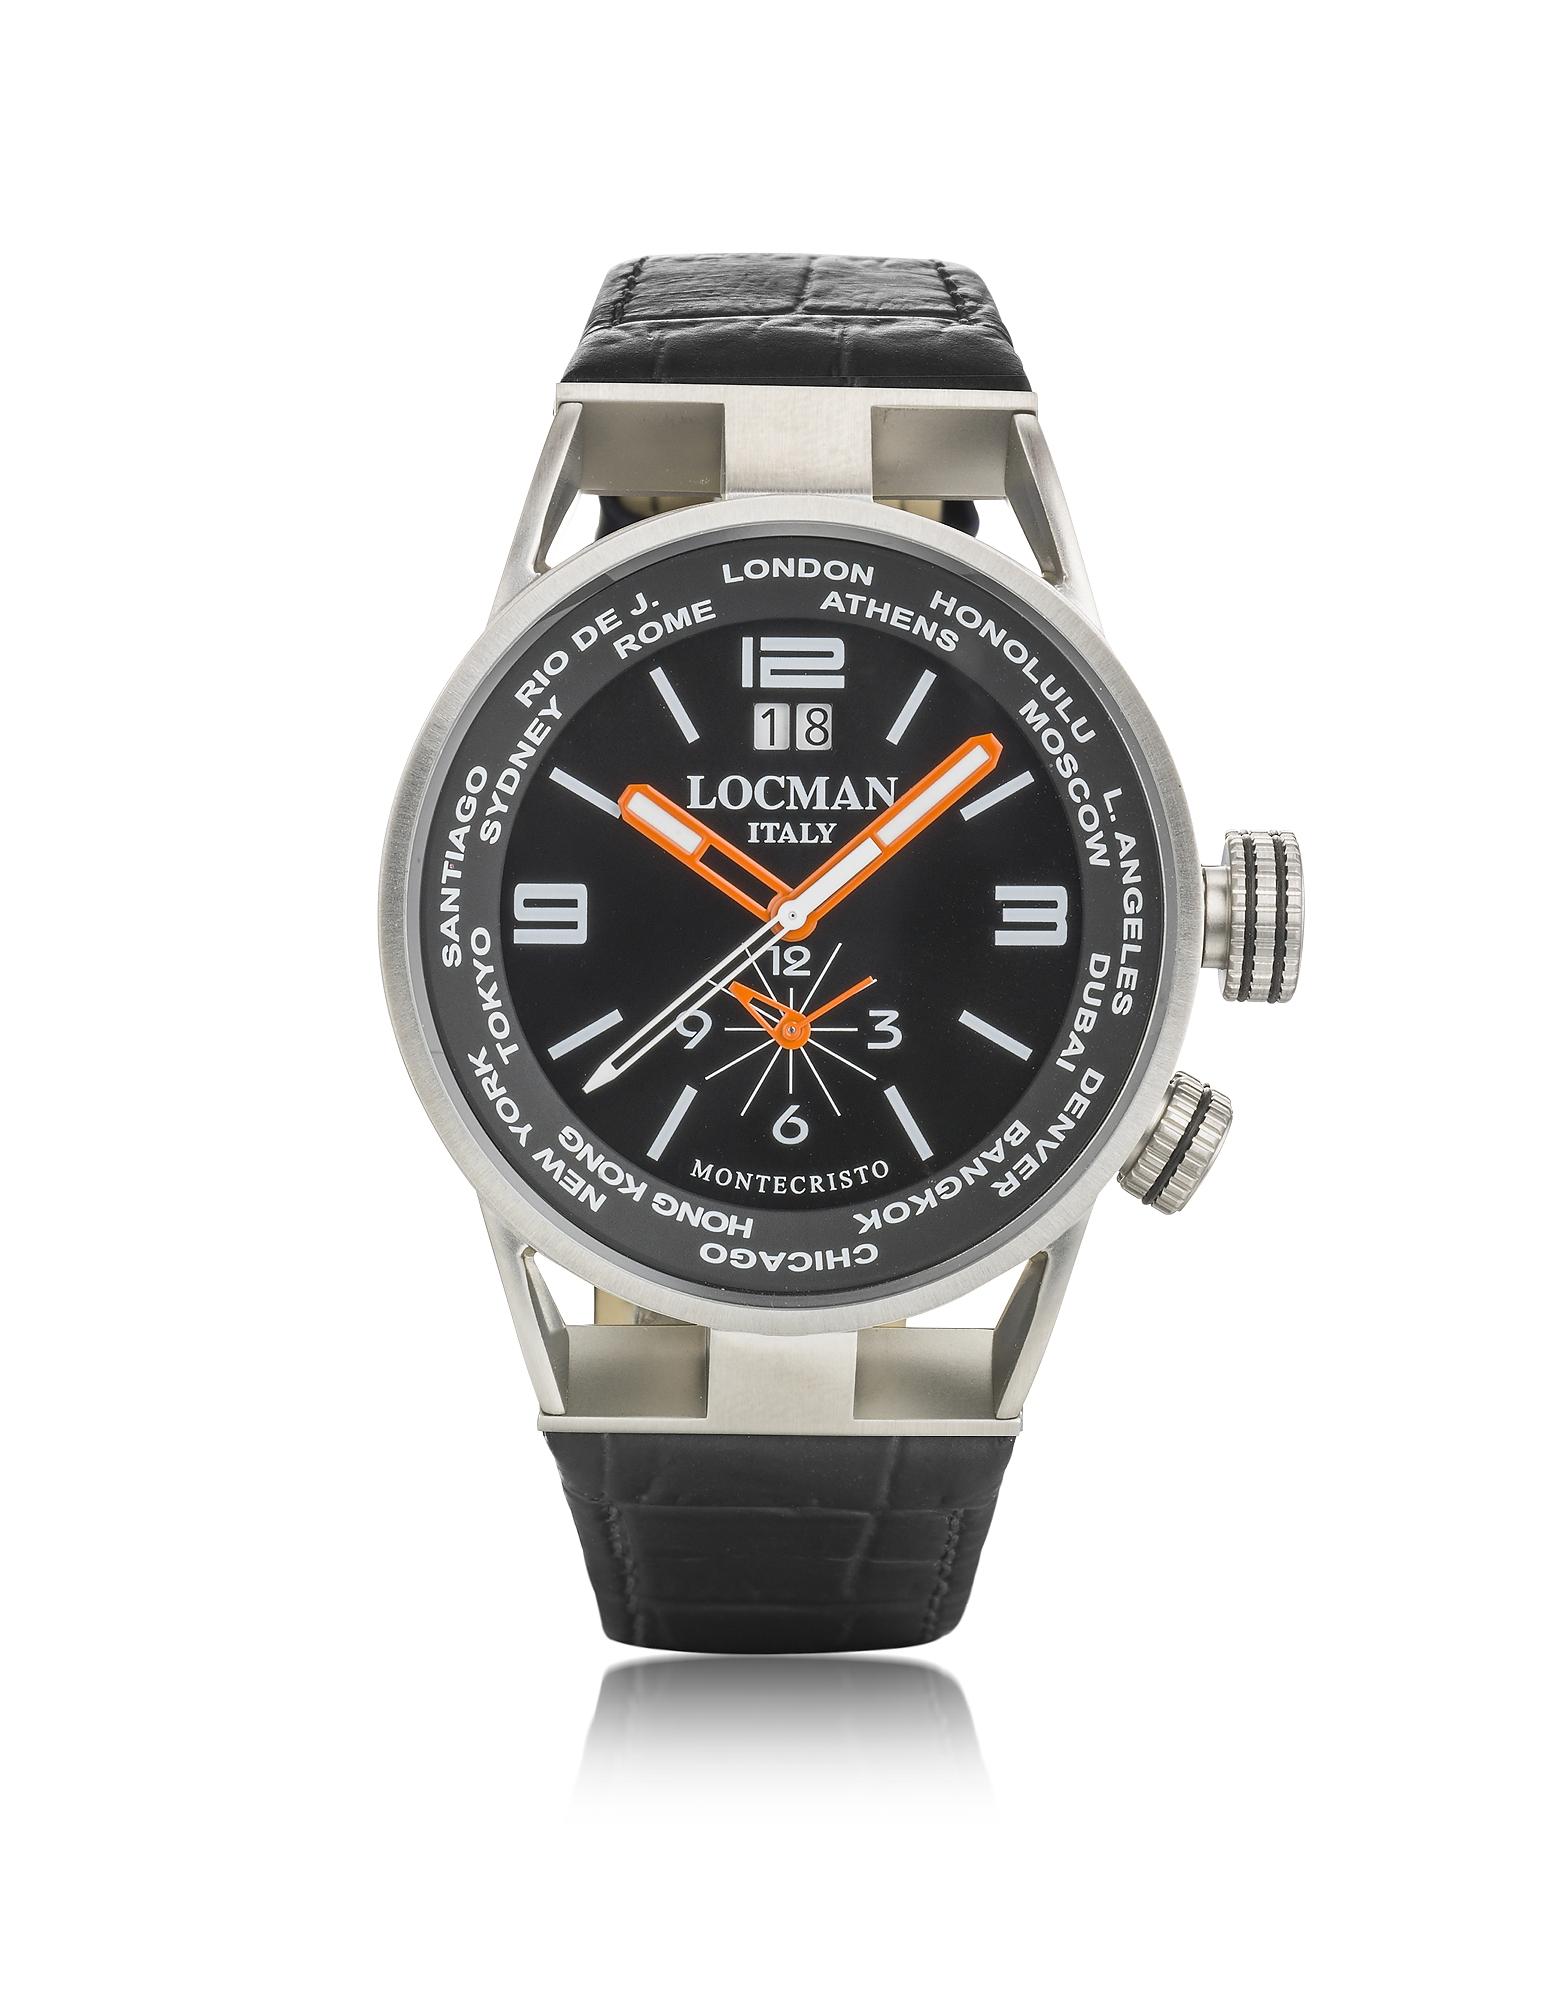 Locman Men's Watches, Montecristo Stainless Steel & Titanium Dual Men's Watch w/Leather Strap